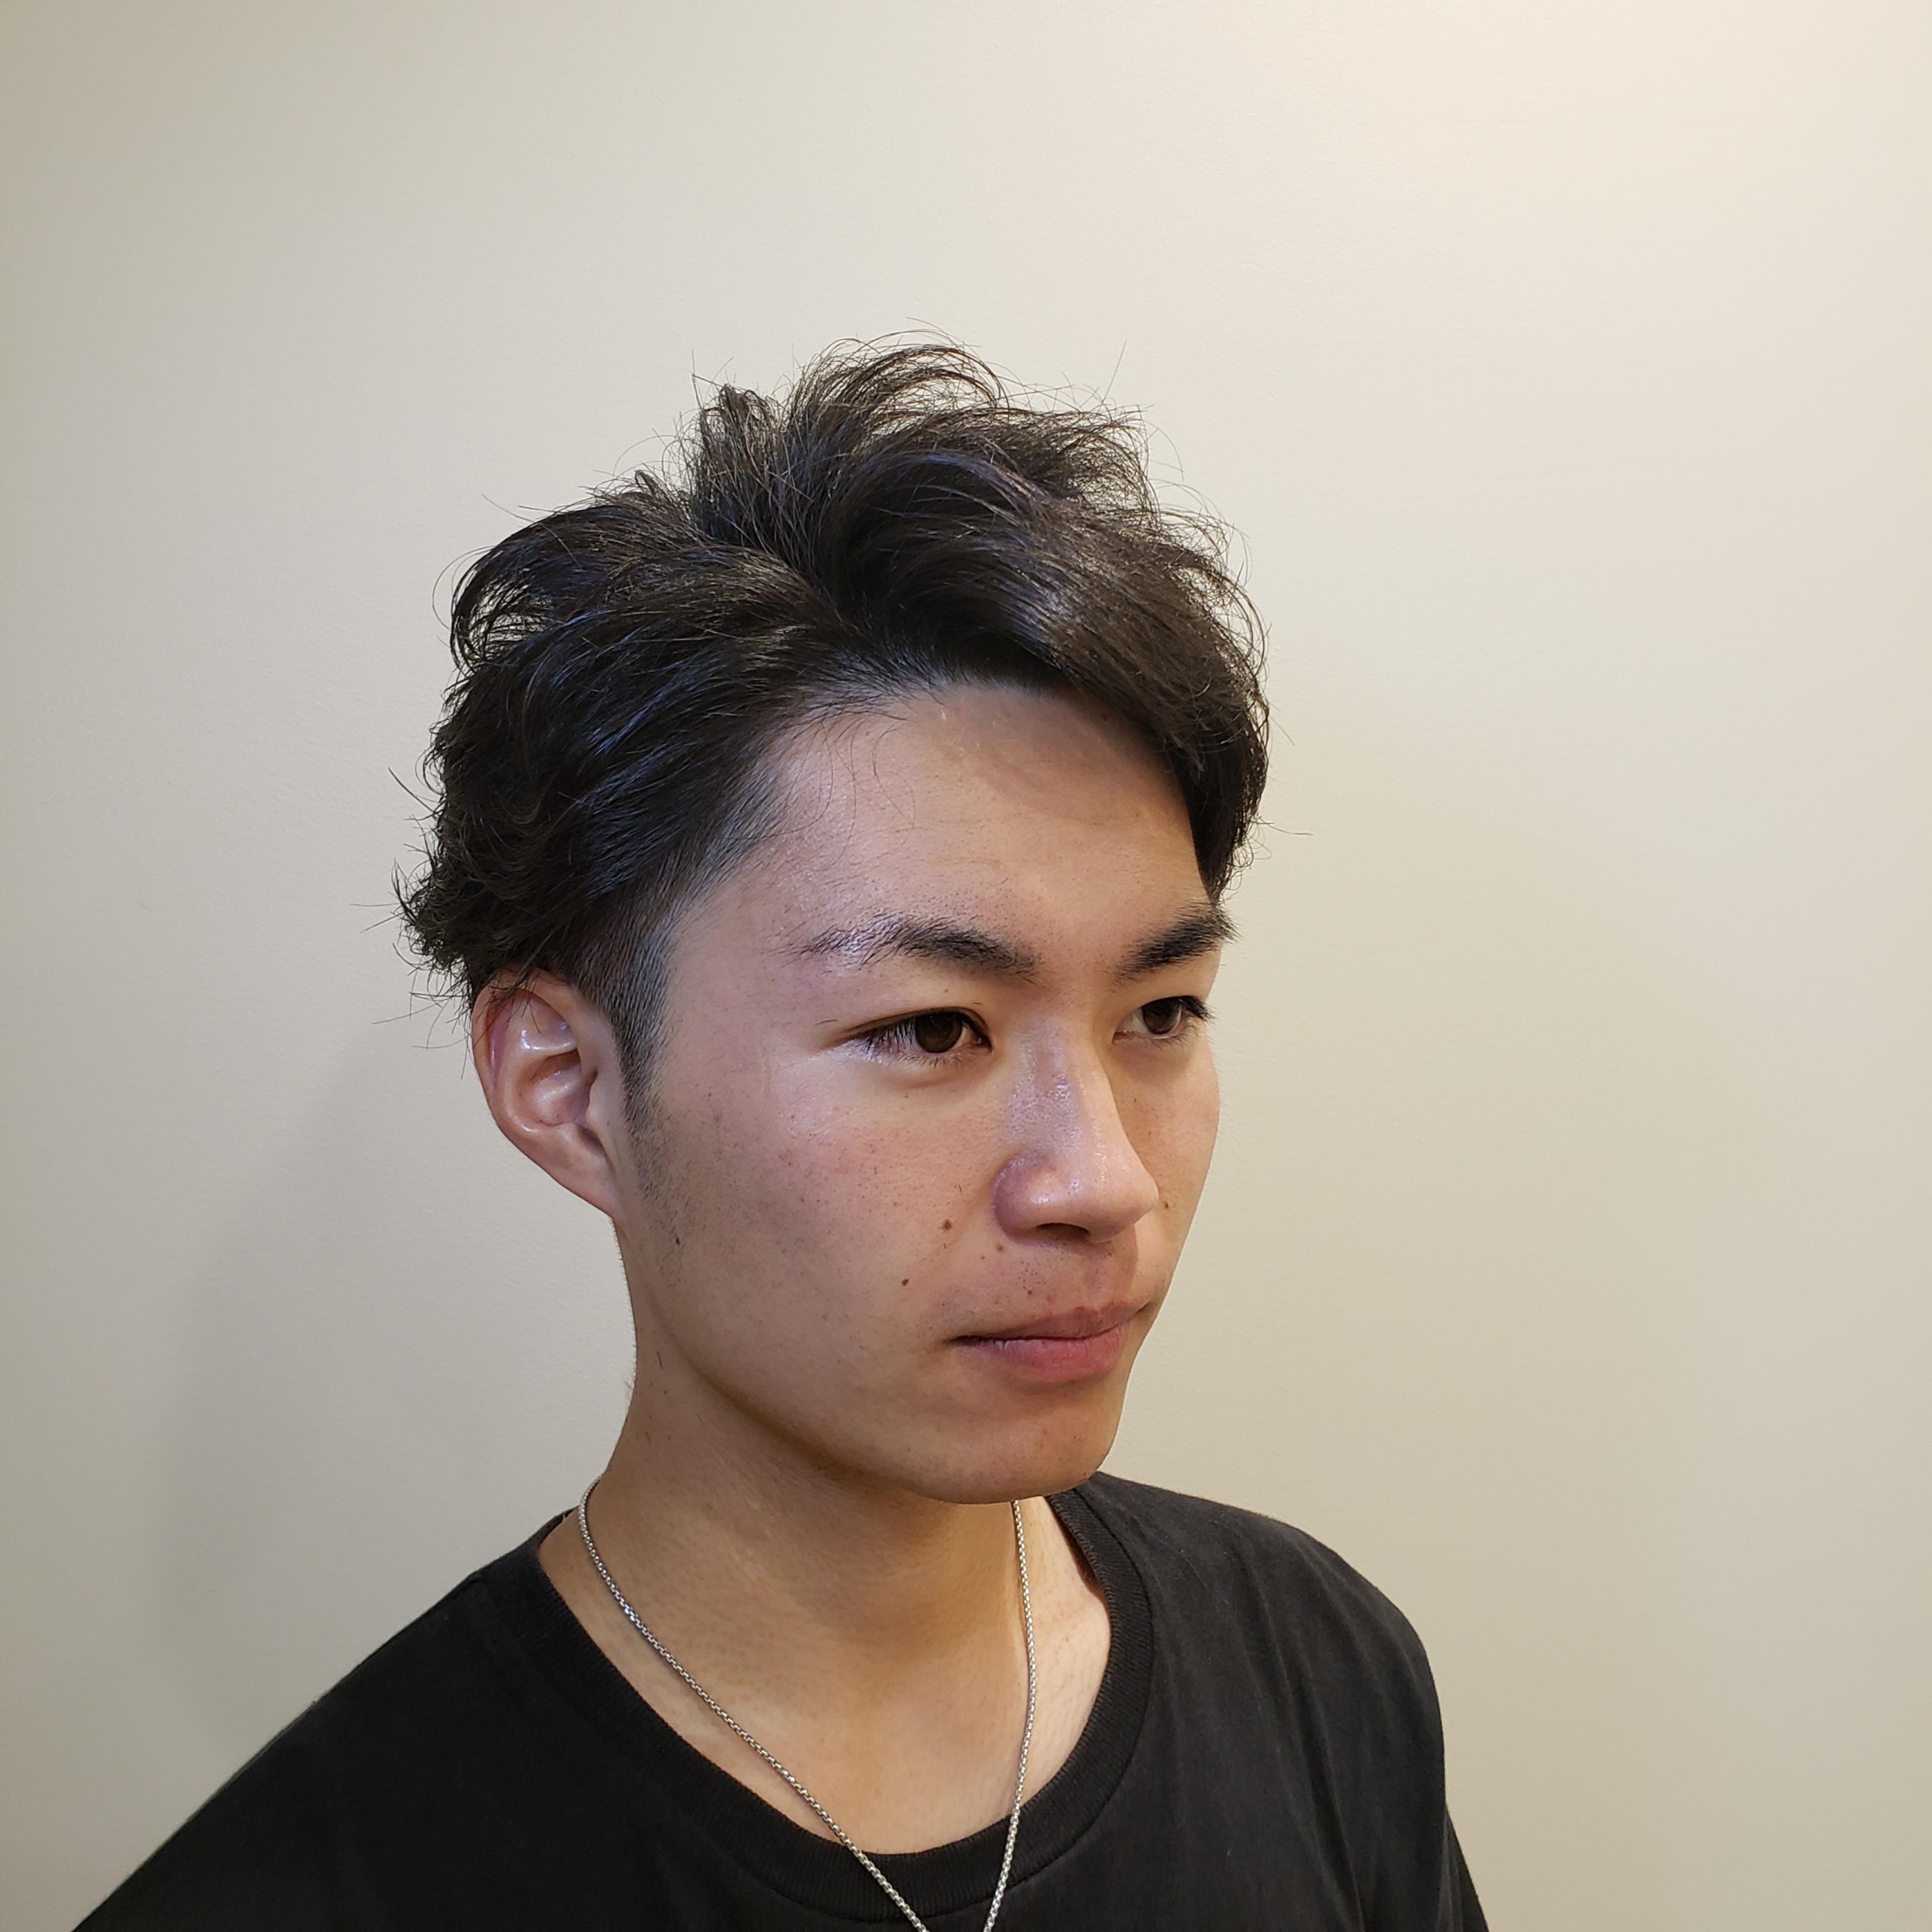 【セットしやすいメンズの髪型】メンズの髪型でセットしやすい髪型にカットするには?